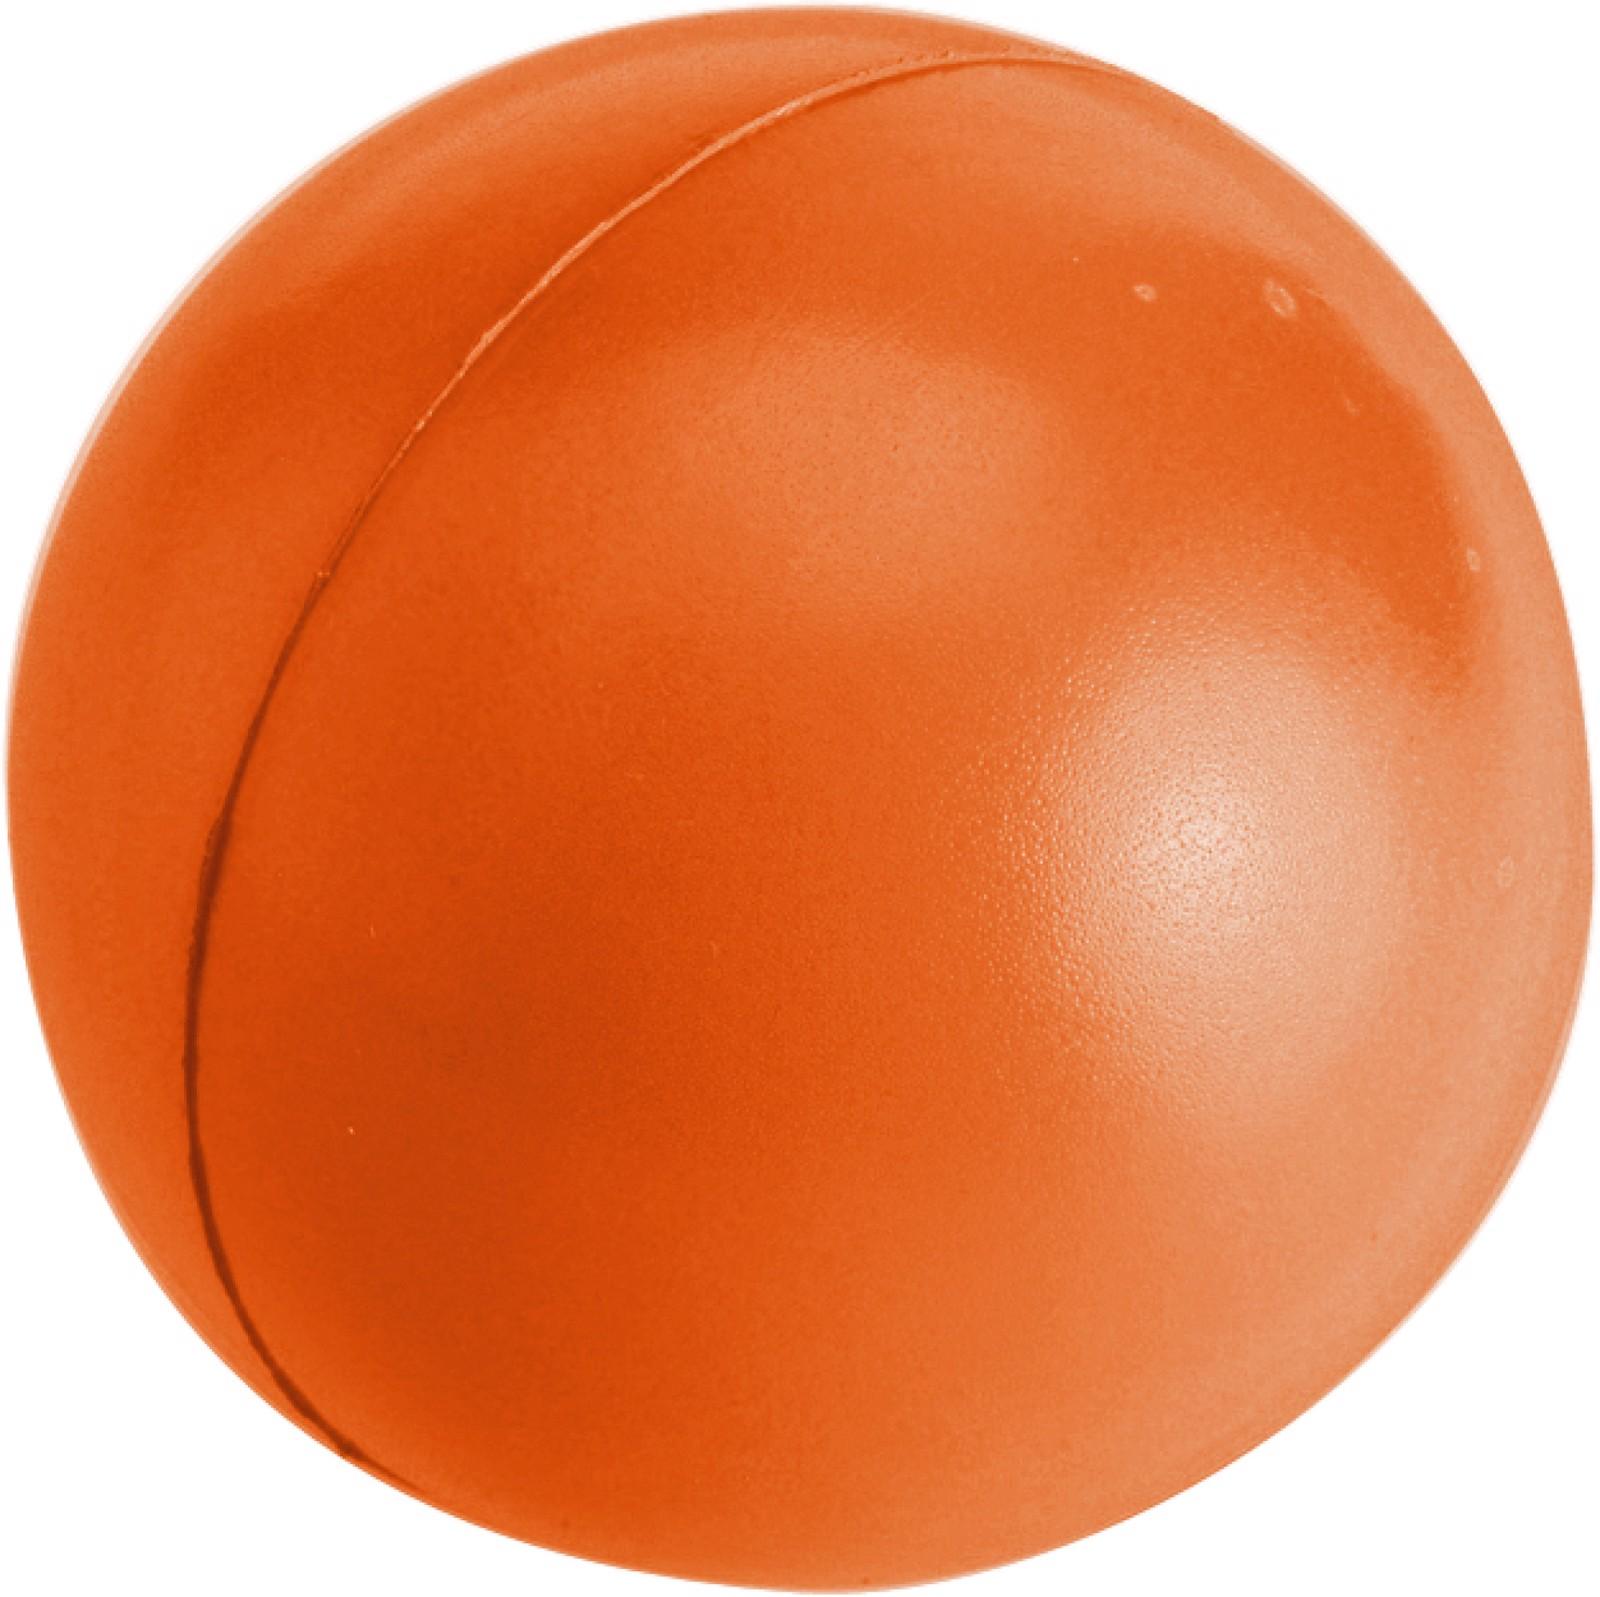 PU foam stress ball - Orange